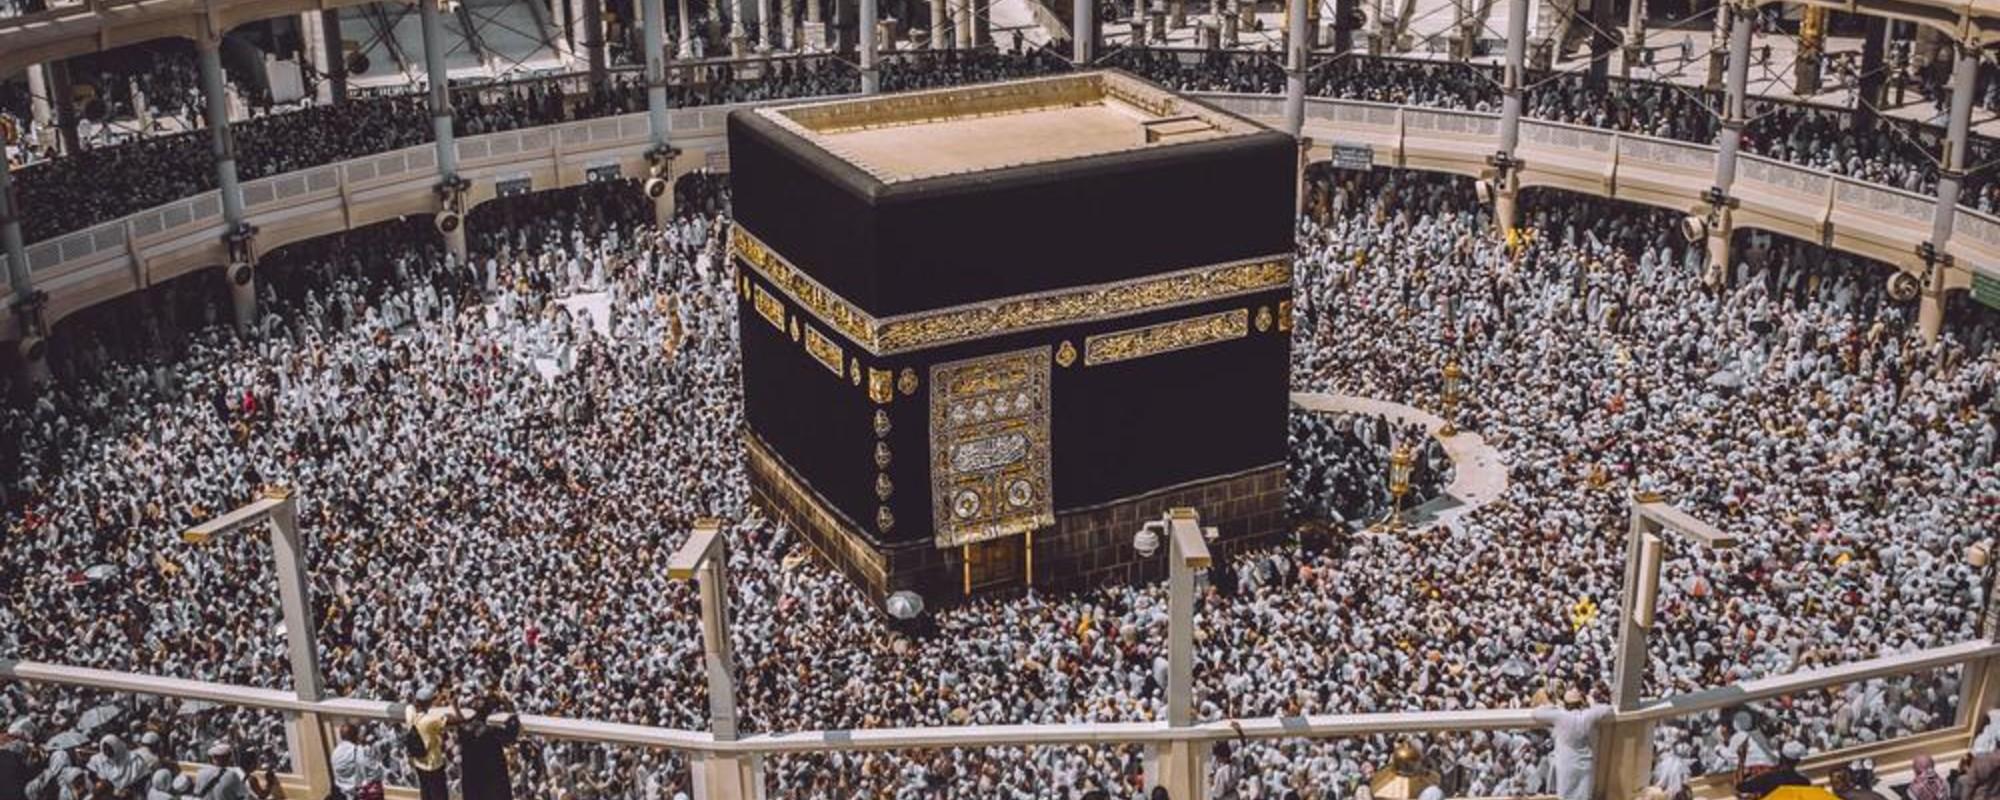 Um olhar íntimo sobre a grande peregrinação a Meca